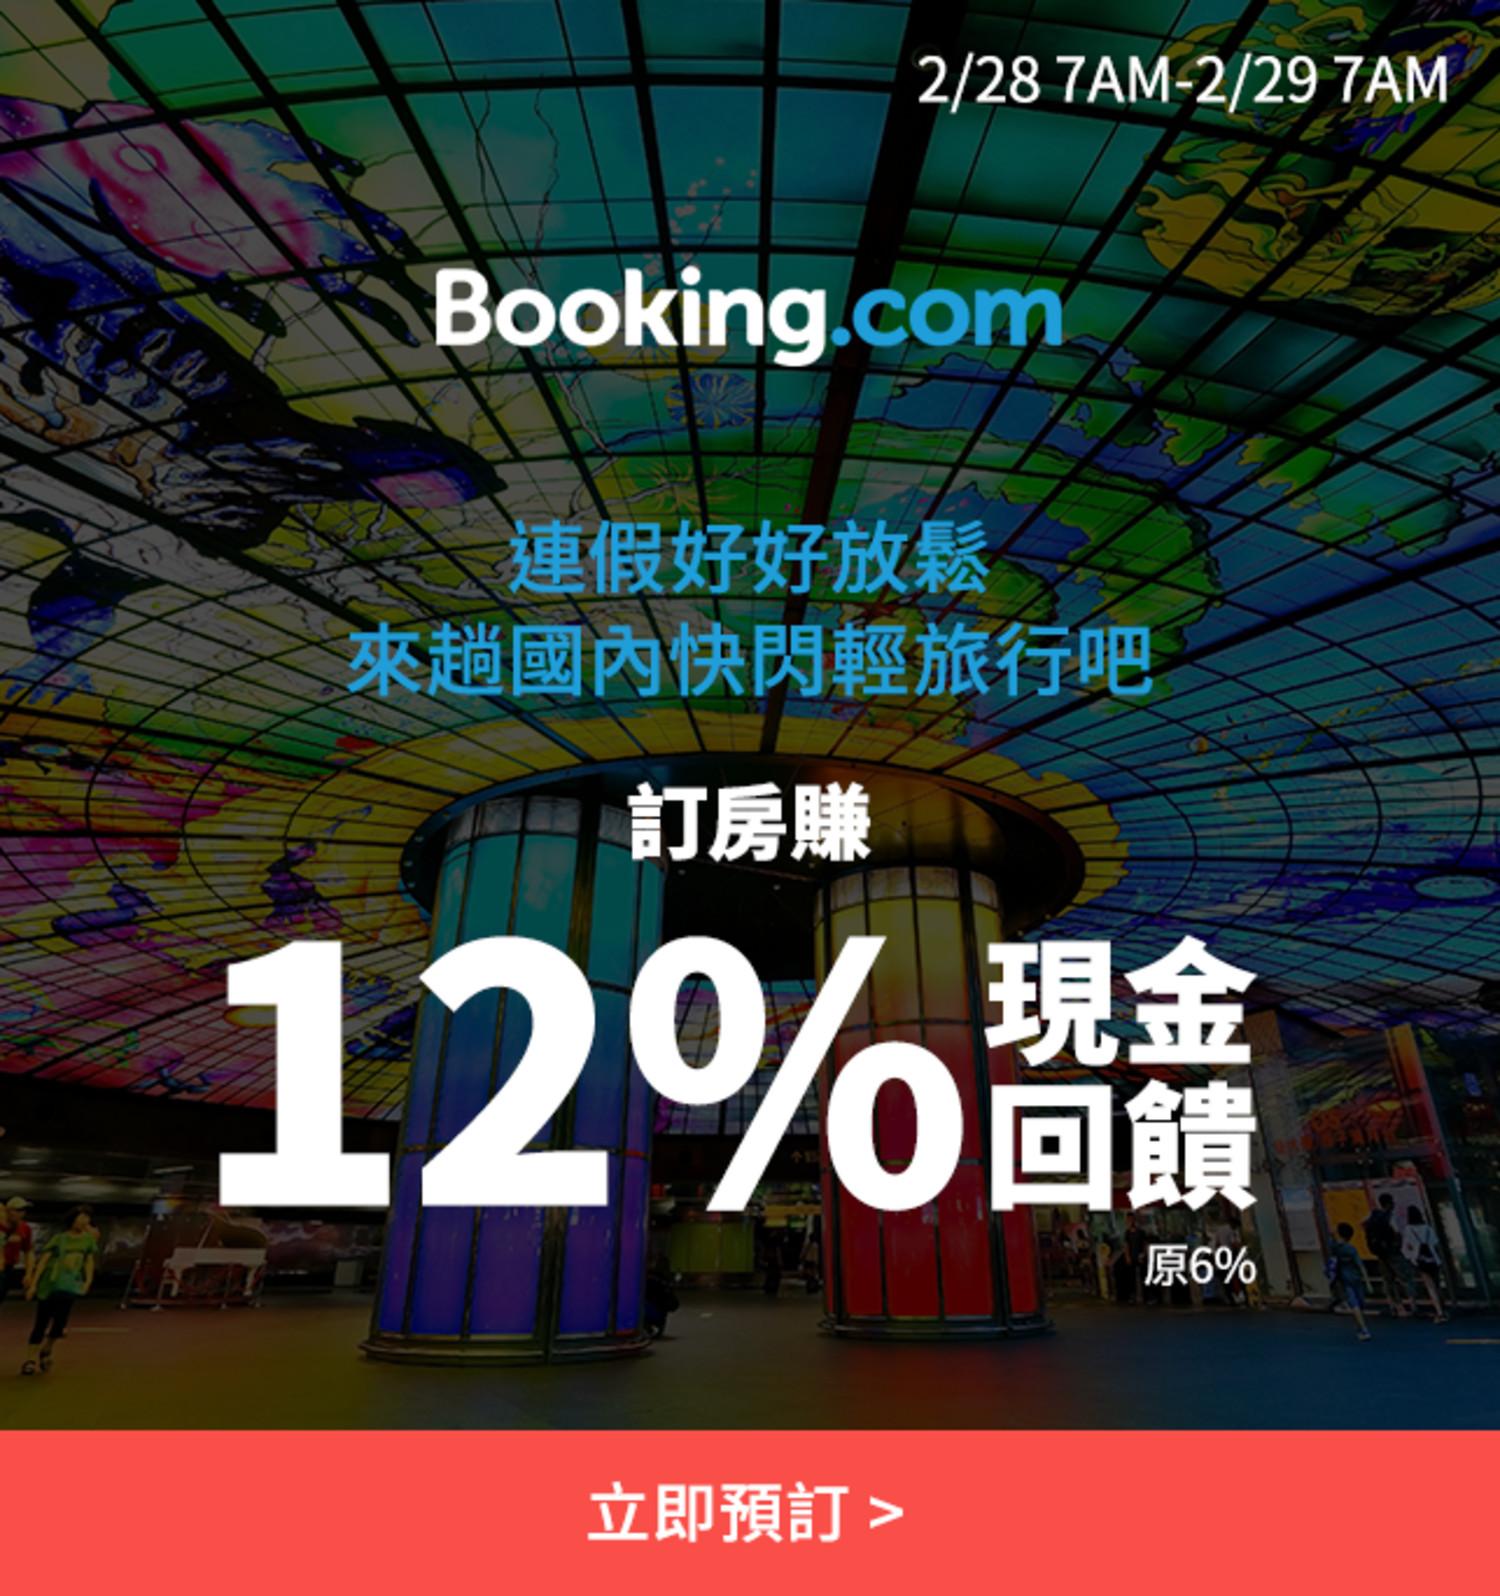 Booking 2/28 7am-2/29 7am 12%